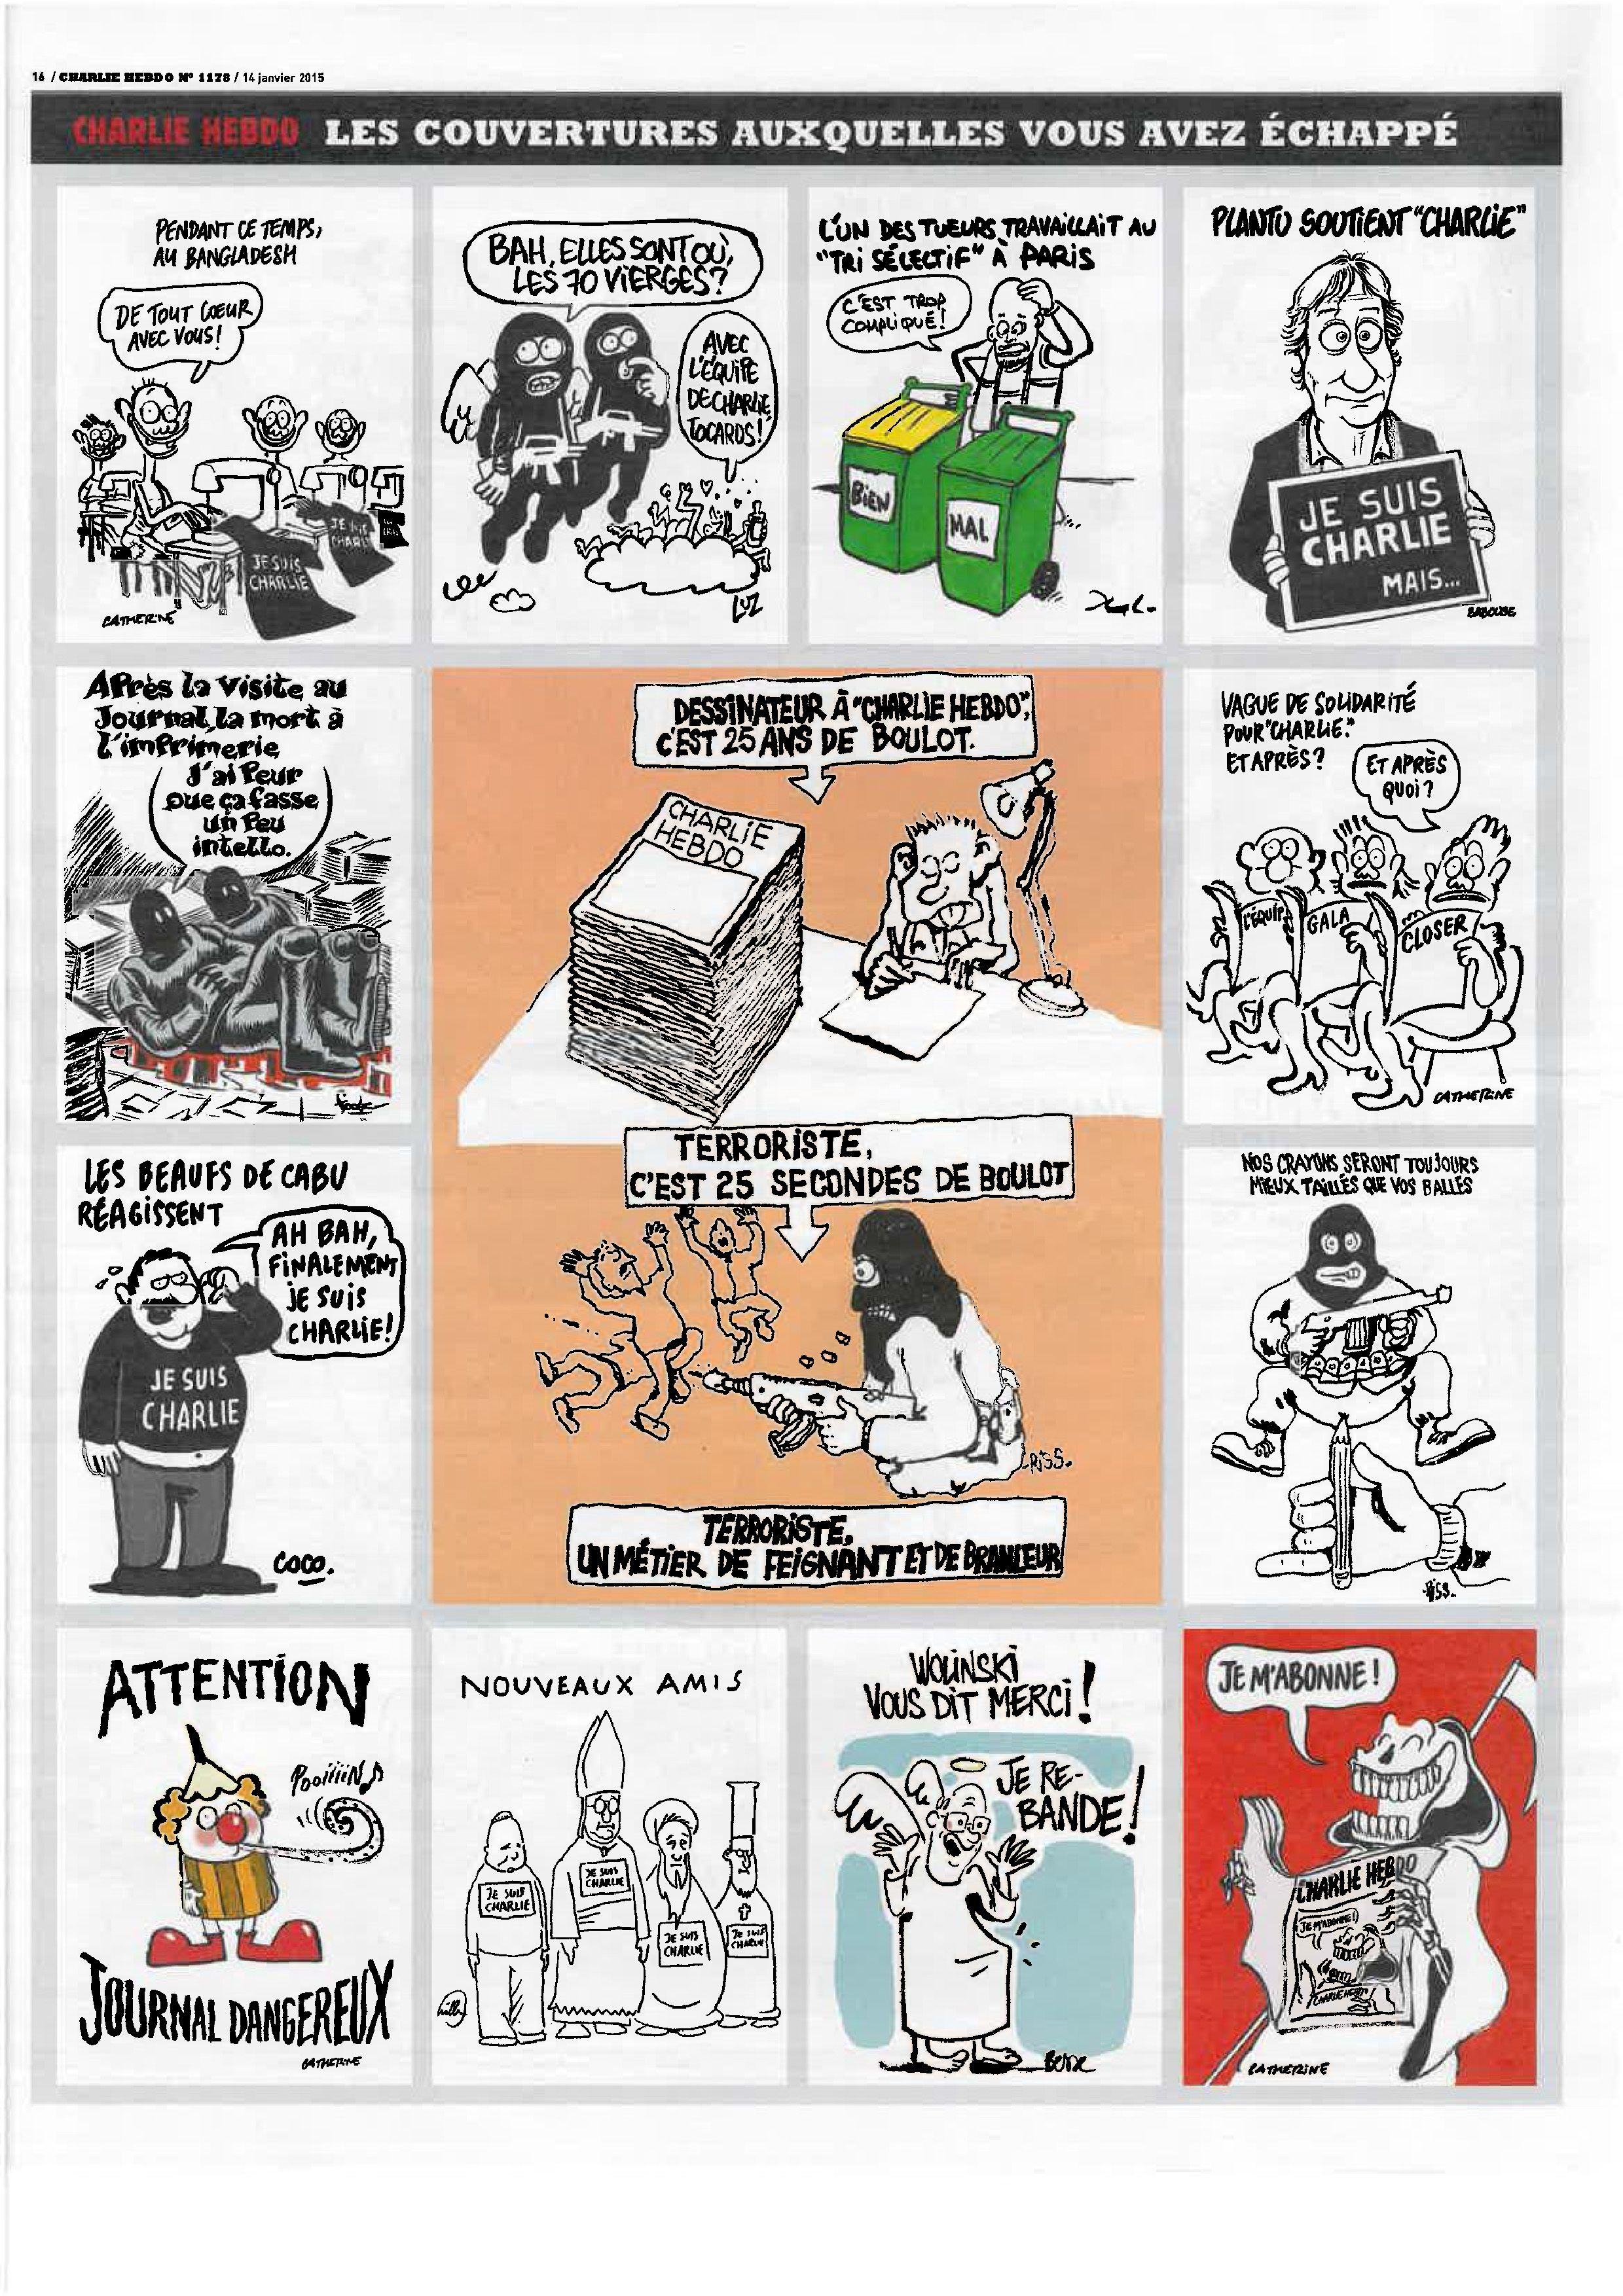 Pag 16 - Tutto il nr 1178 del 14 gennaio di Charlie Hebdo può essere scaricato liberamente da http://laduendes.blogspot.it/2015_01_01_archive.html